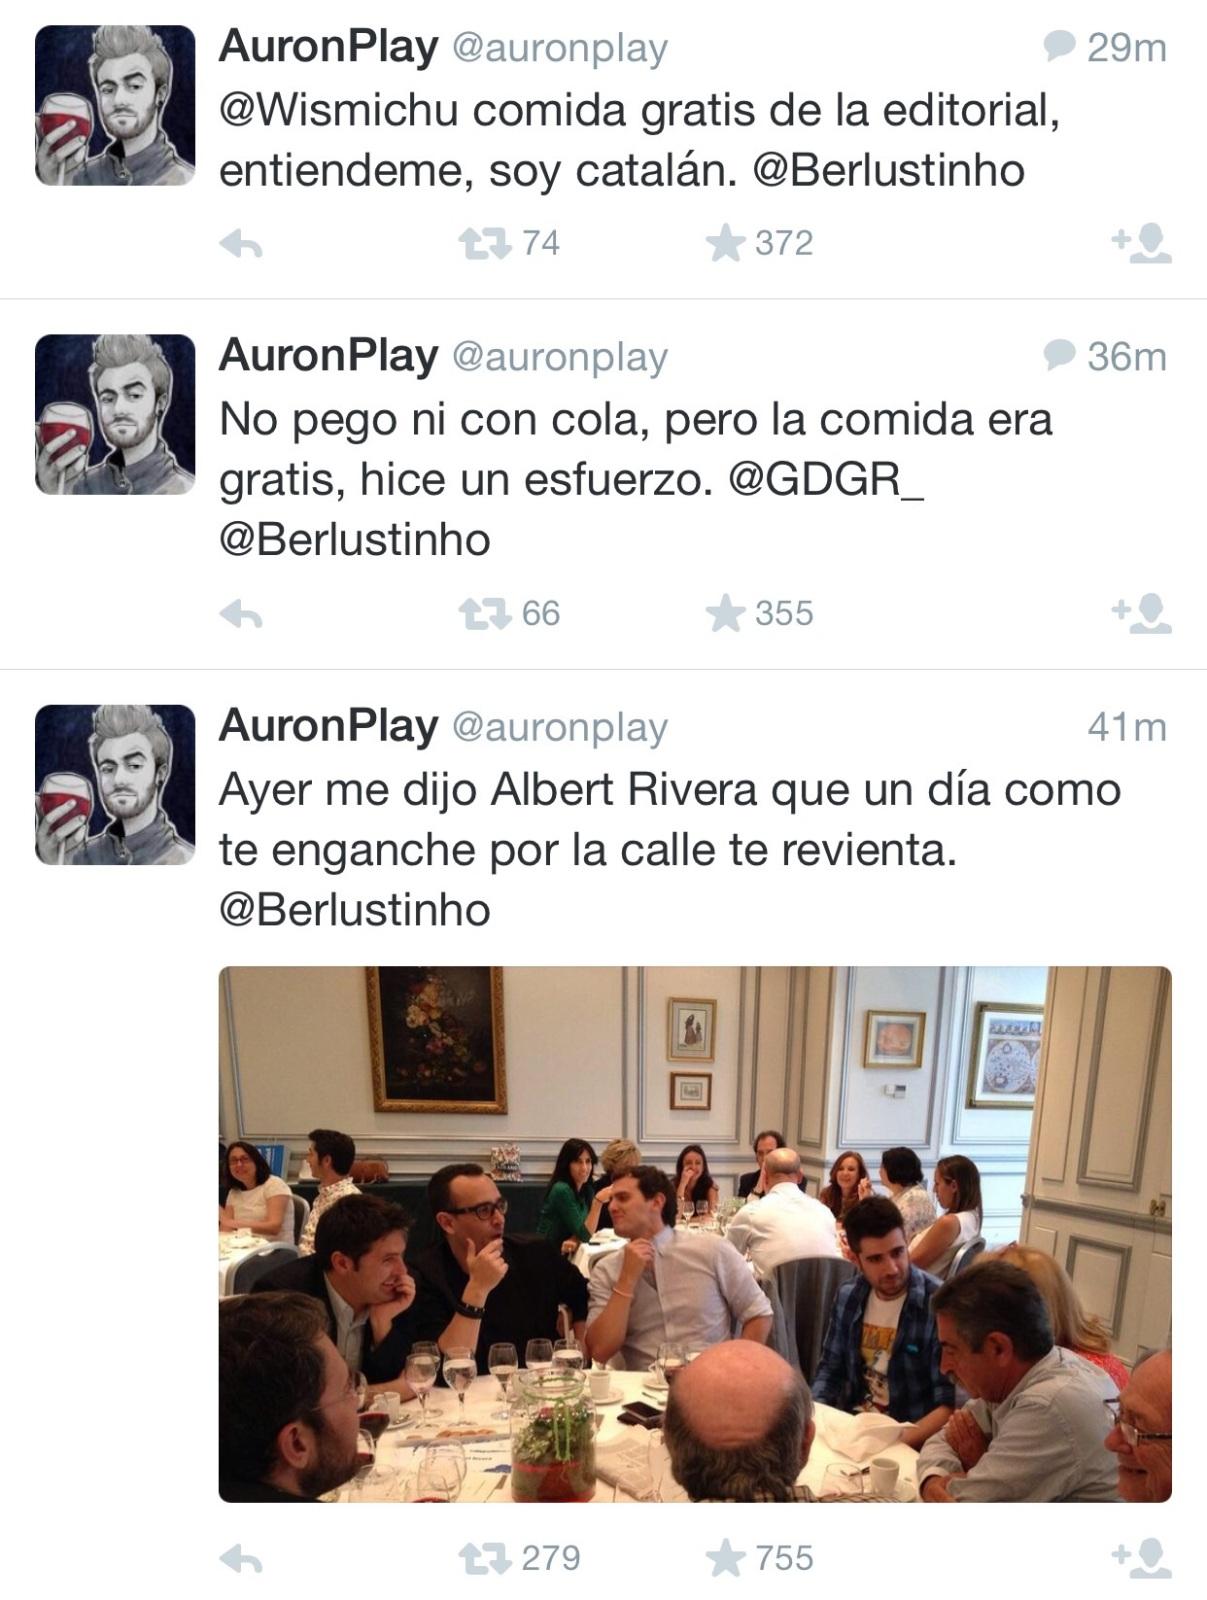 AuronPlay con Albert Rivera, Risto Mejide y Revilla